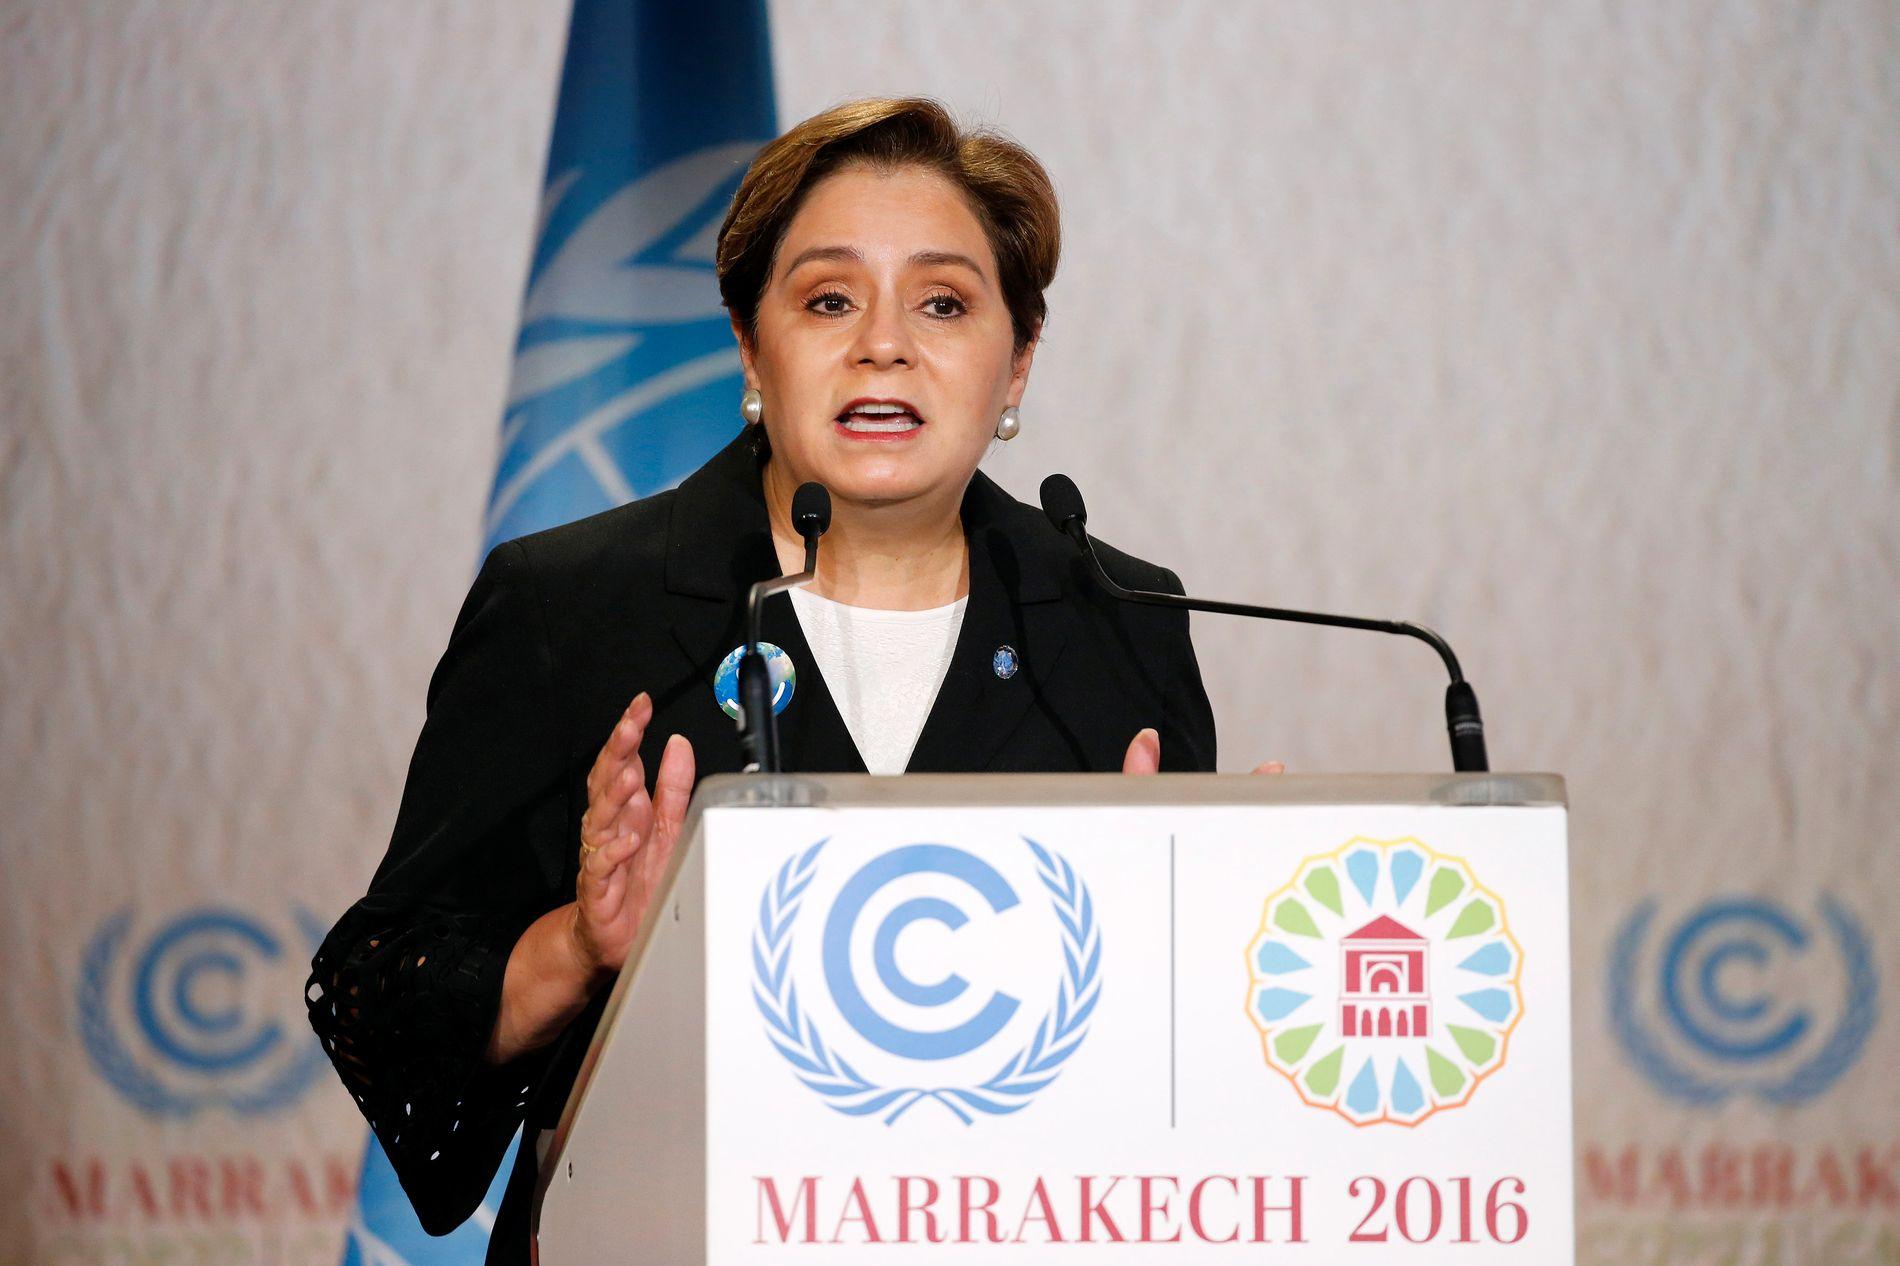 I GODT HUMØR: Det var en alvorlig, men konstant smilende Patricia Espinosa som besøkte Zerokonferansen i Oslo onsdag.